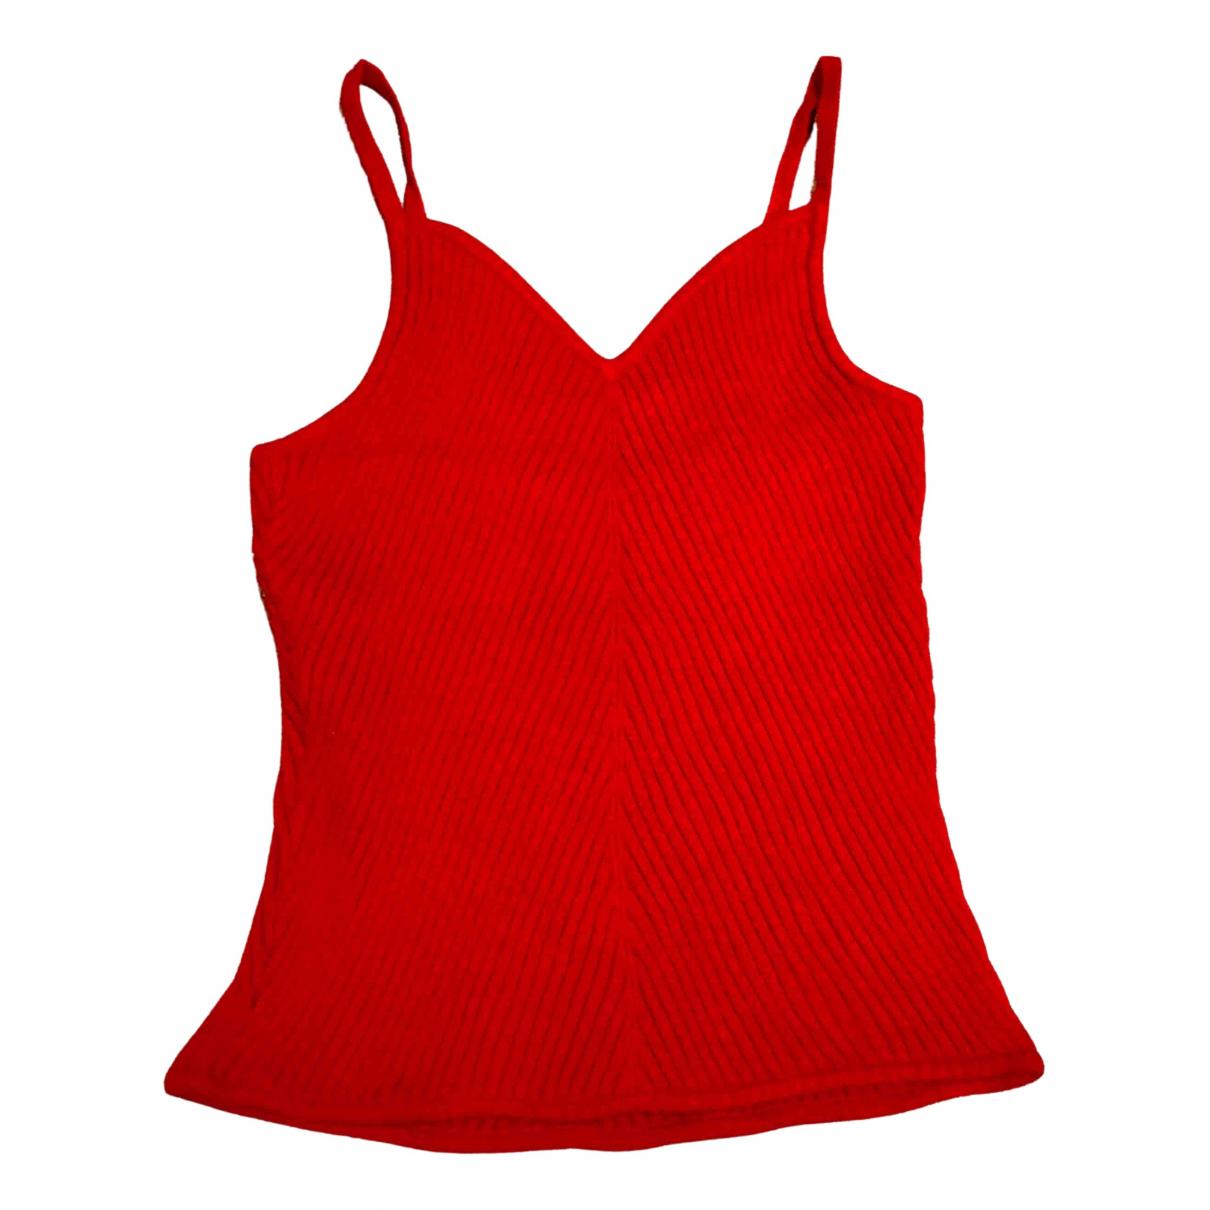 Emporio Armani - Top   pour femme - rouge